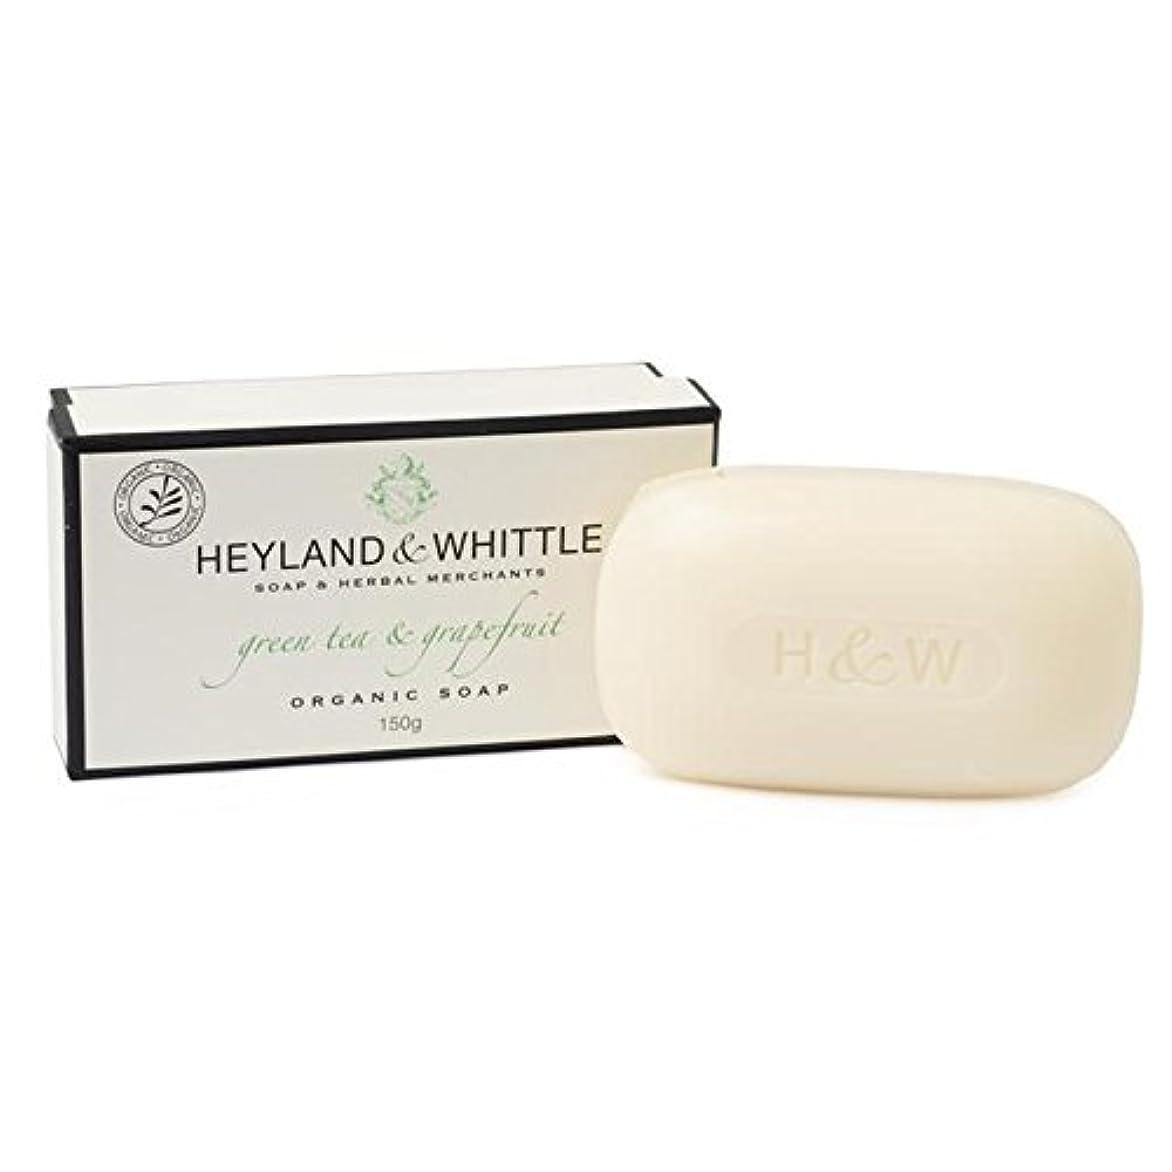 水素パトロン染色&削る緑茶&グレープフルーツはオーガニックソープ150グラム箱入り x4 - Heyland & Whittle Green Tea & Grapefruit Boxed Organic Soap 150g (Pack...